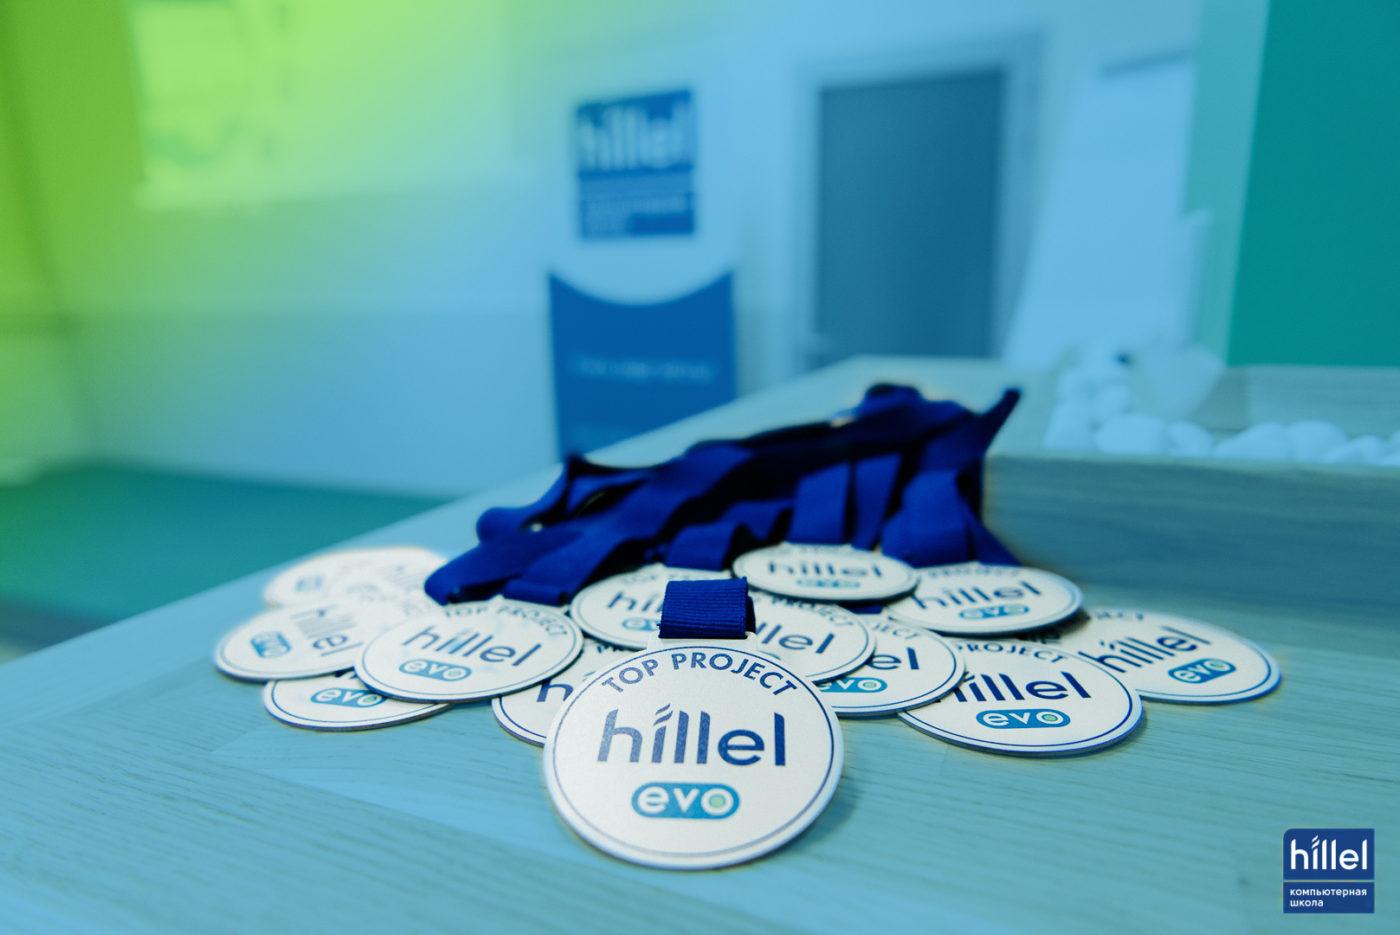 Мероприятия: Запрошуємо на презентацію робочих прототипів четвертого циклу програми Hillel Evo в Одесі